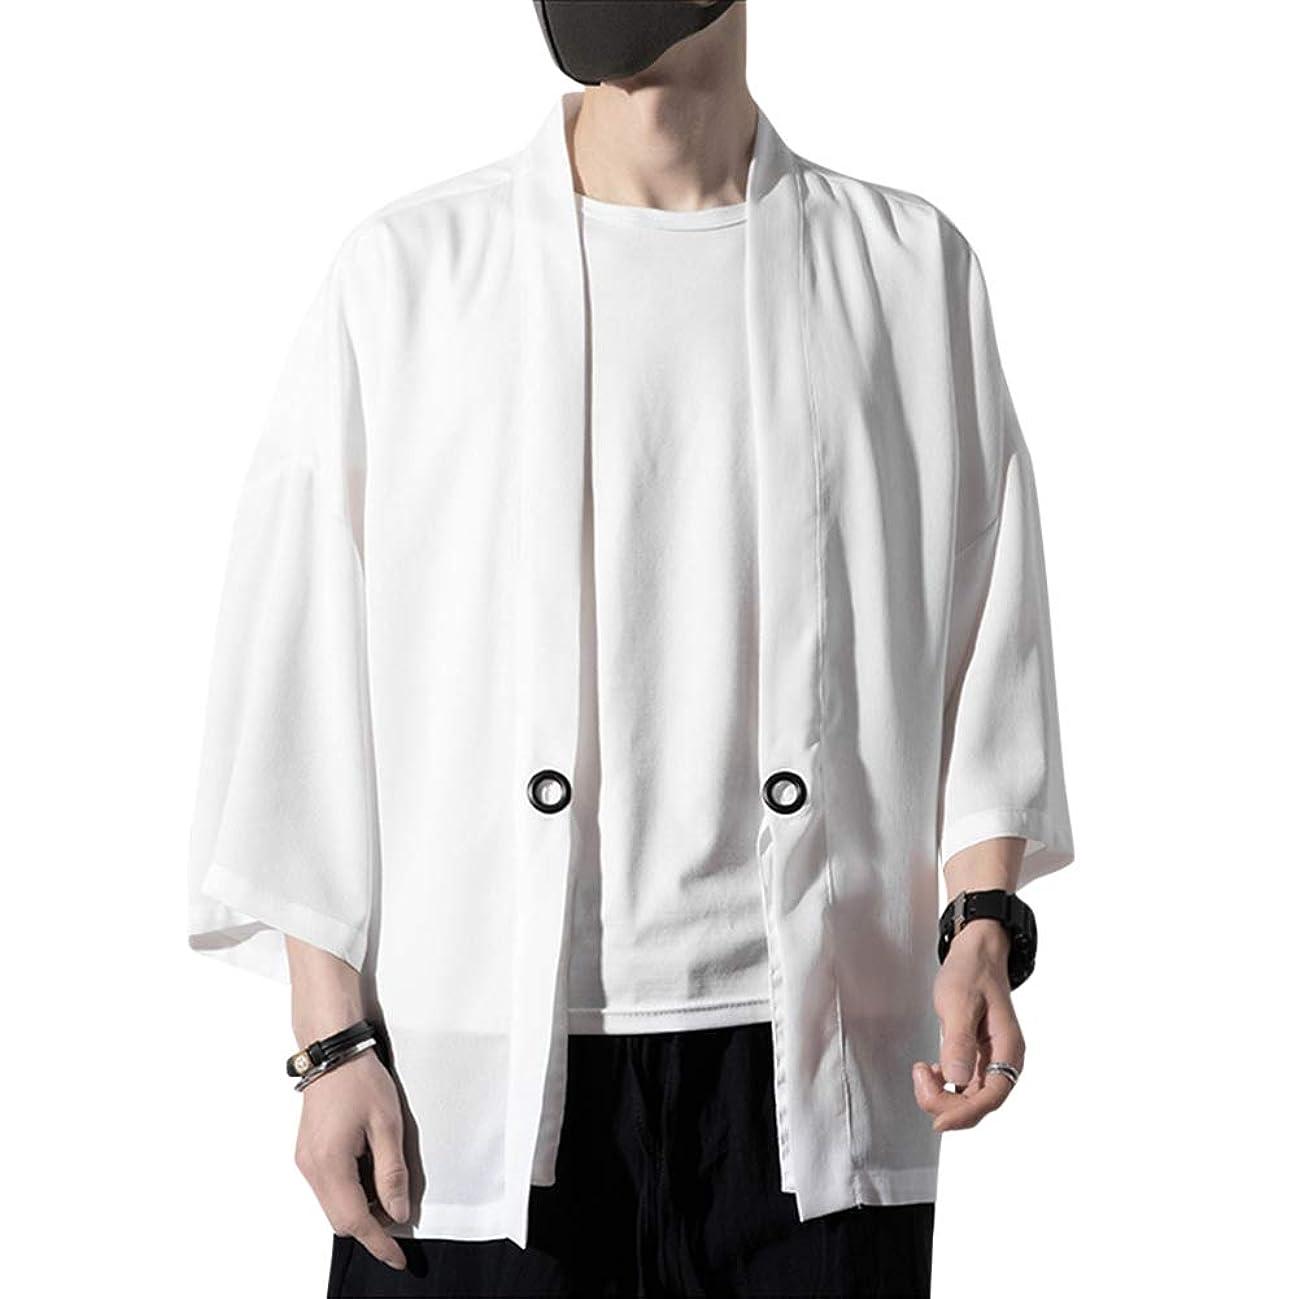 喜ぶ余裕があるスプーン[YFFUSHI]メンズ カーディガン 和式パーカー 七分袖 M-5XL ゆったり 純色